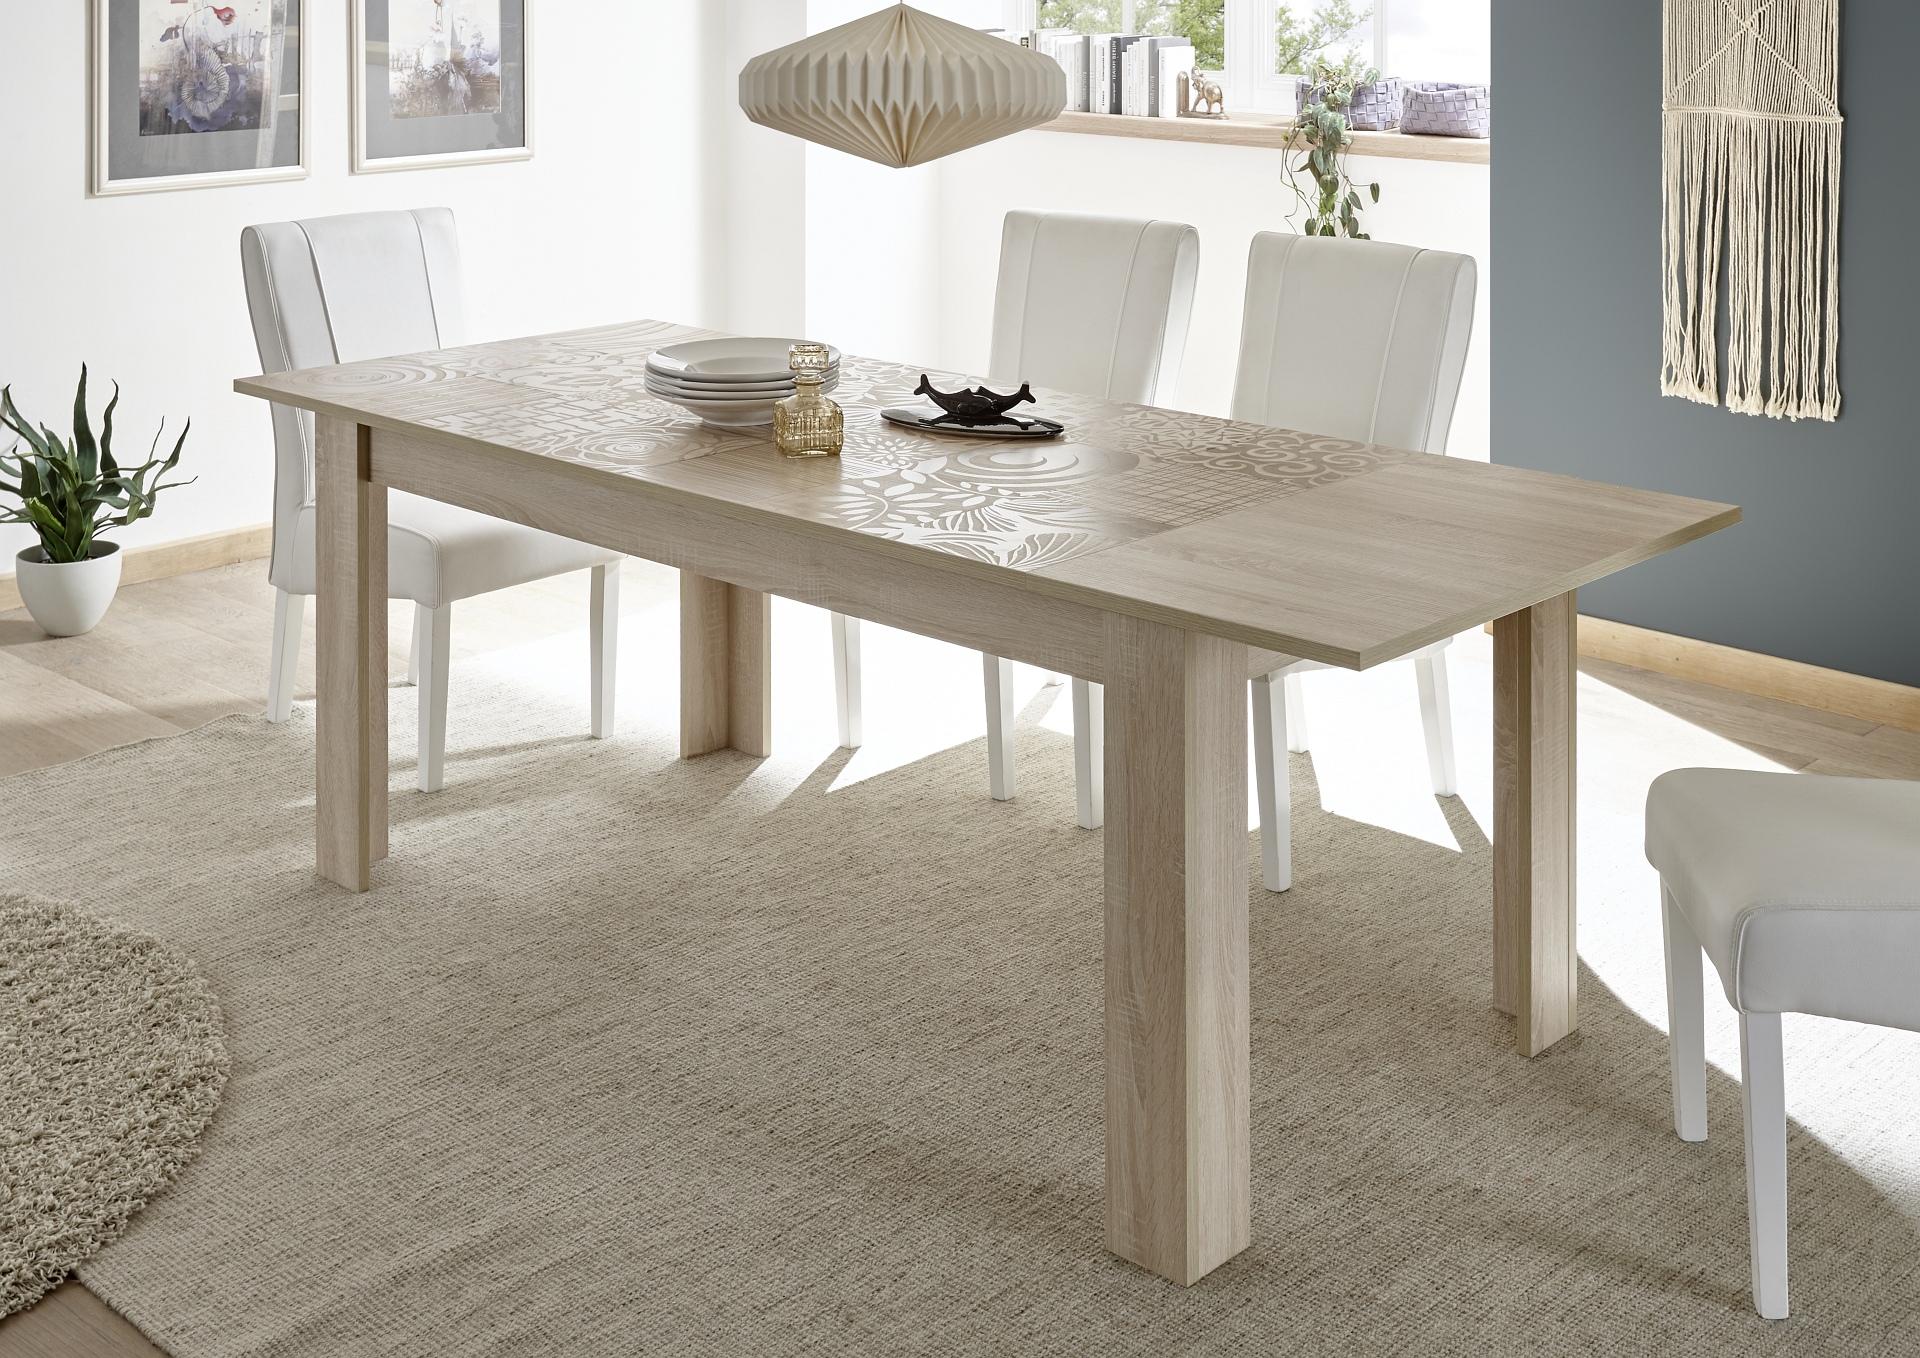 Miro Tisch Sonoma Einzel Fkt LQ